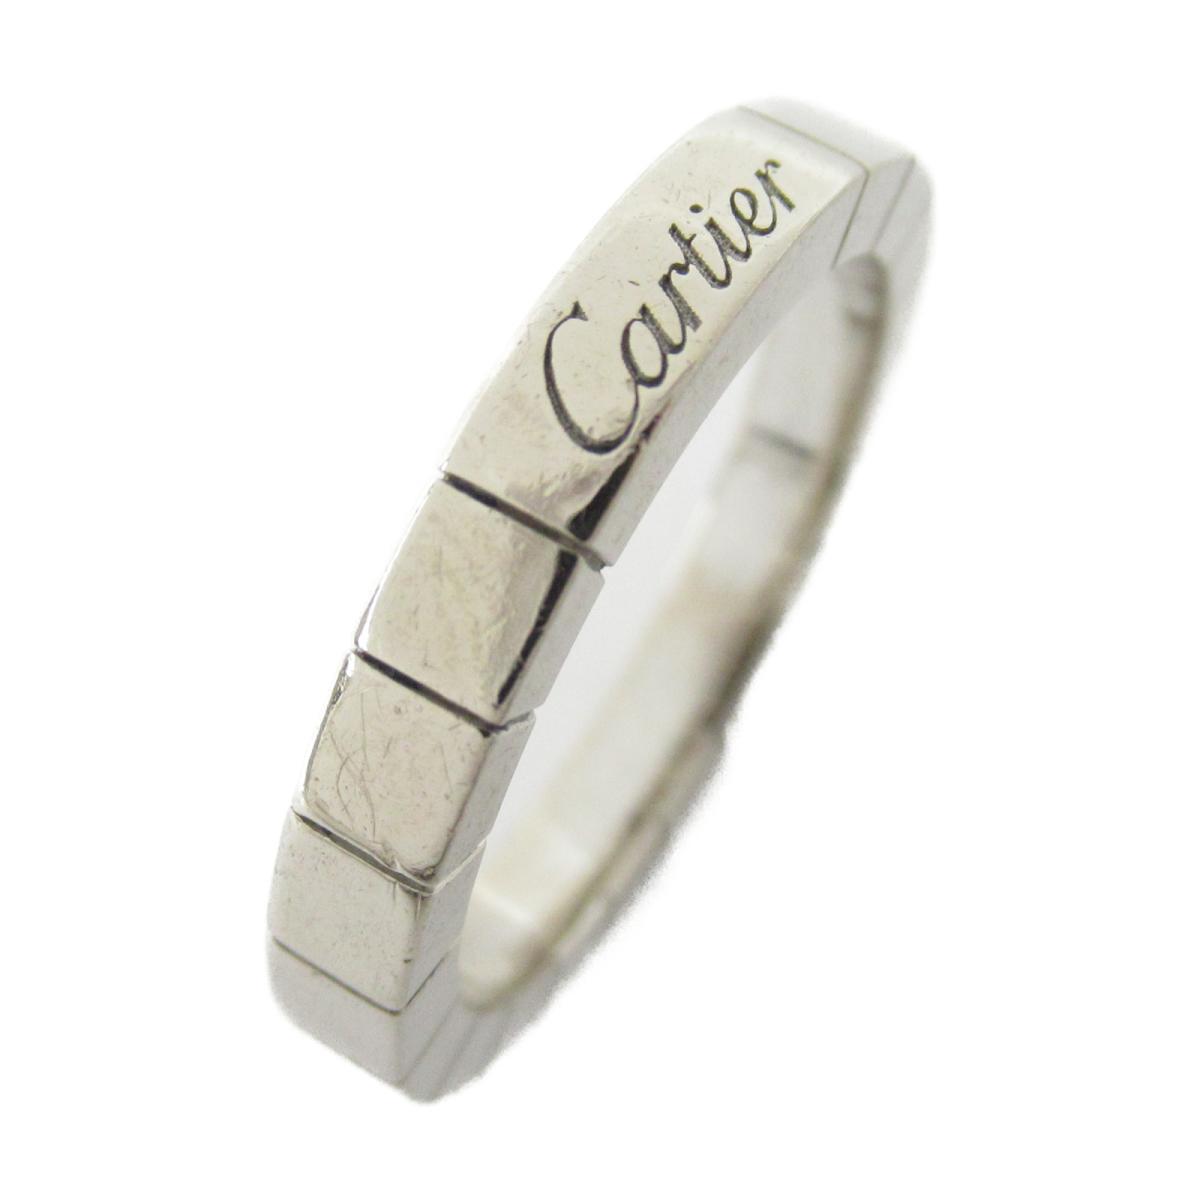 【中古】 カルティエ ラニエール リング 指輪 メンズ レディース K18WG (750) ホワイトゴールド | Cartier BRANDOFF ブランドオフ ブランド ジュエリー アクセサリー